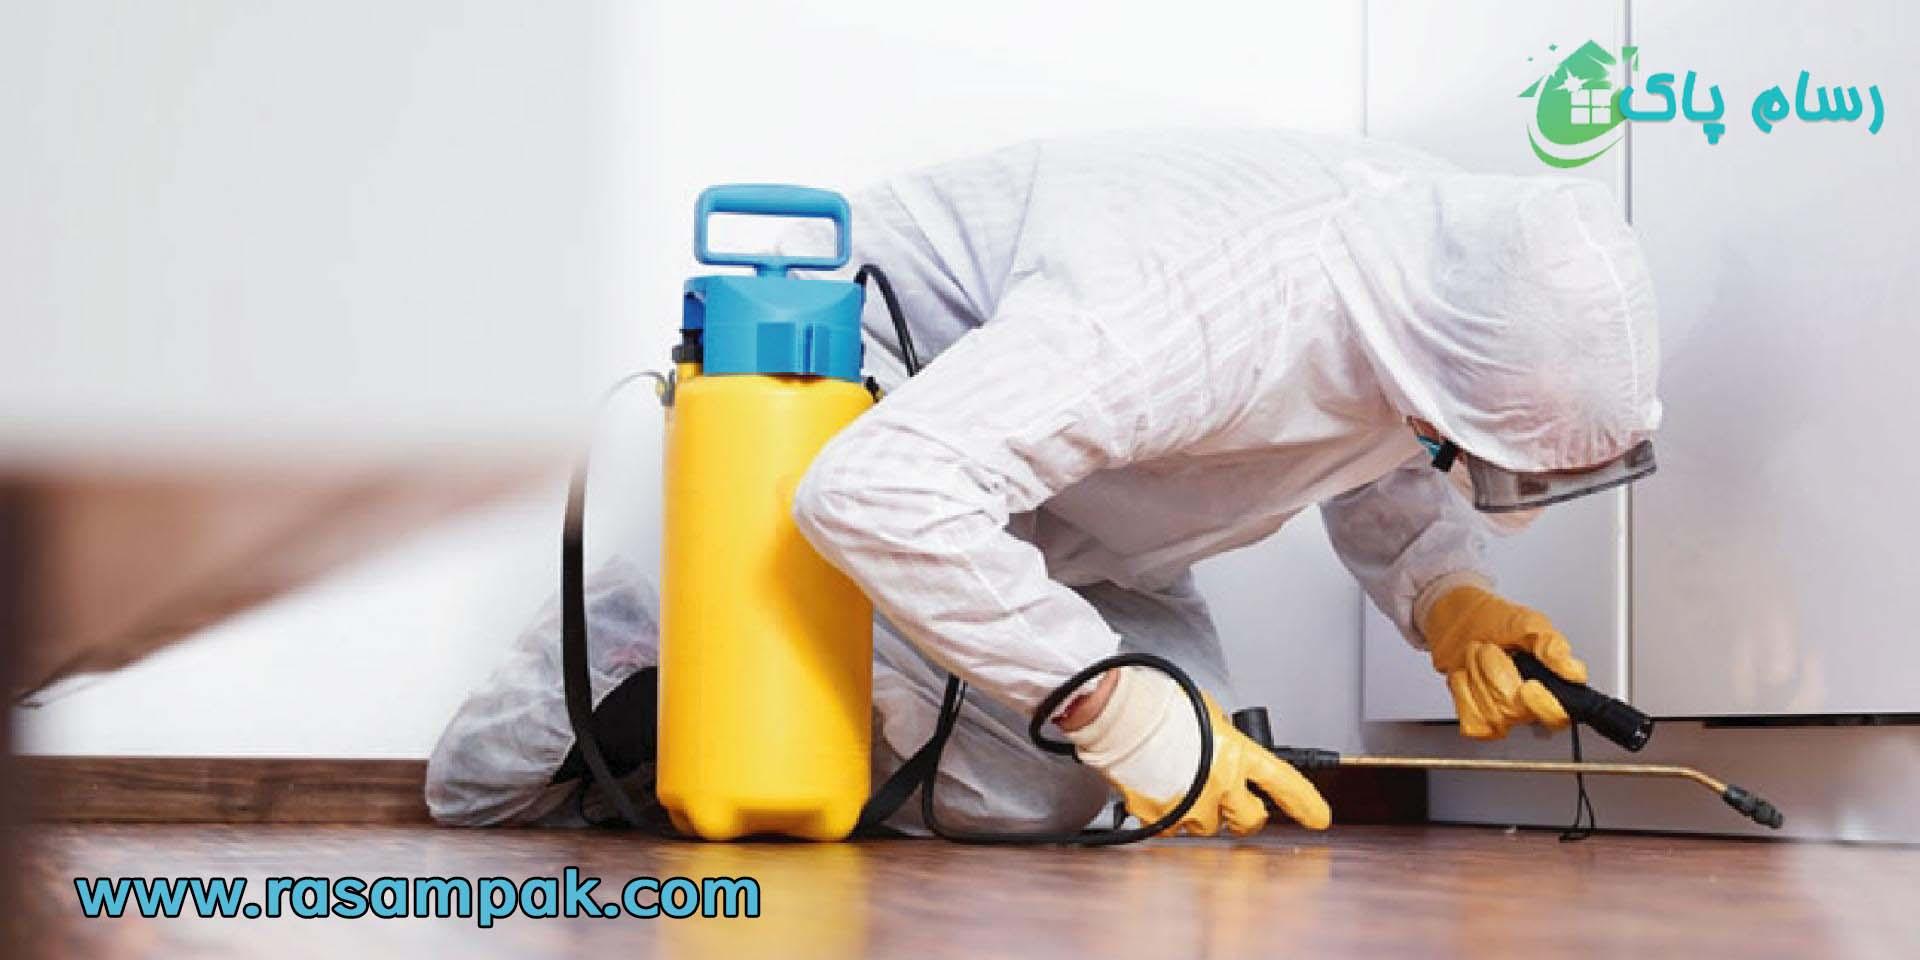 سم پاشی منزل شرکت نظافتی رسام پاک نگهداری کودک و سالمند